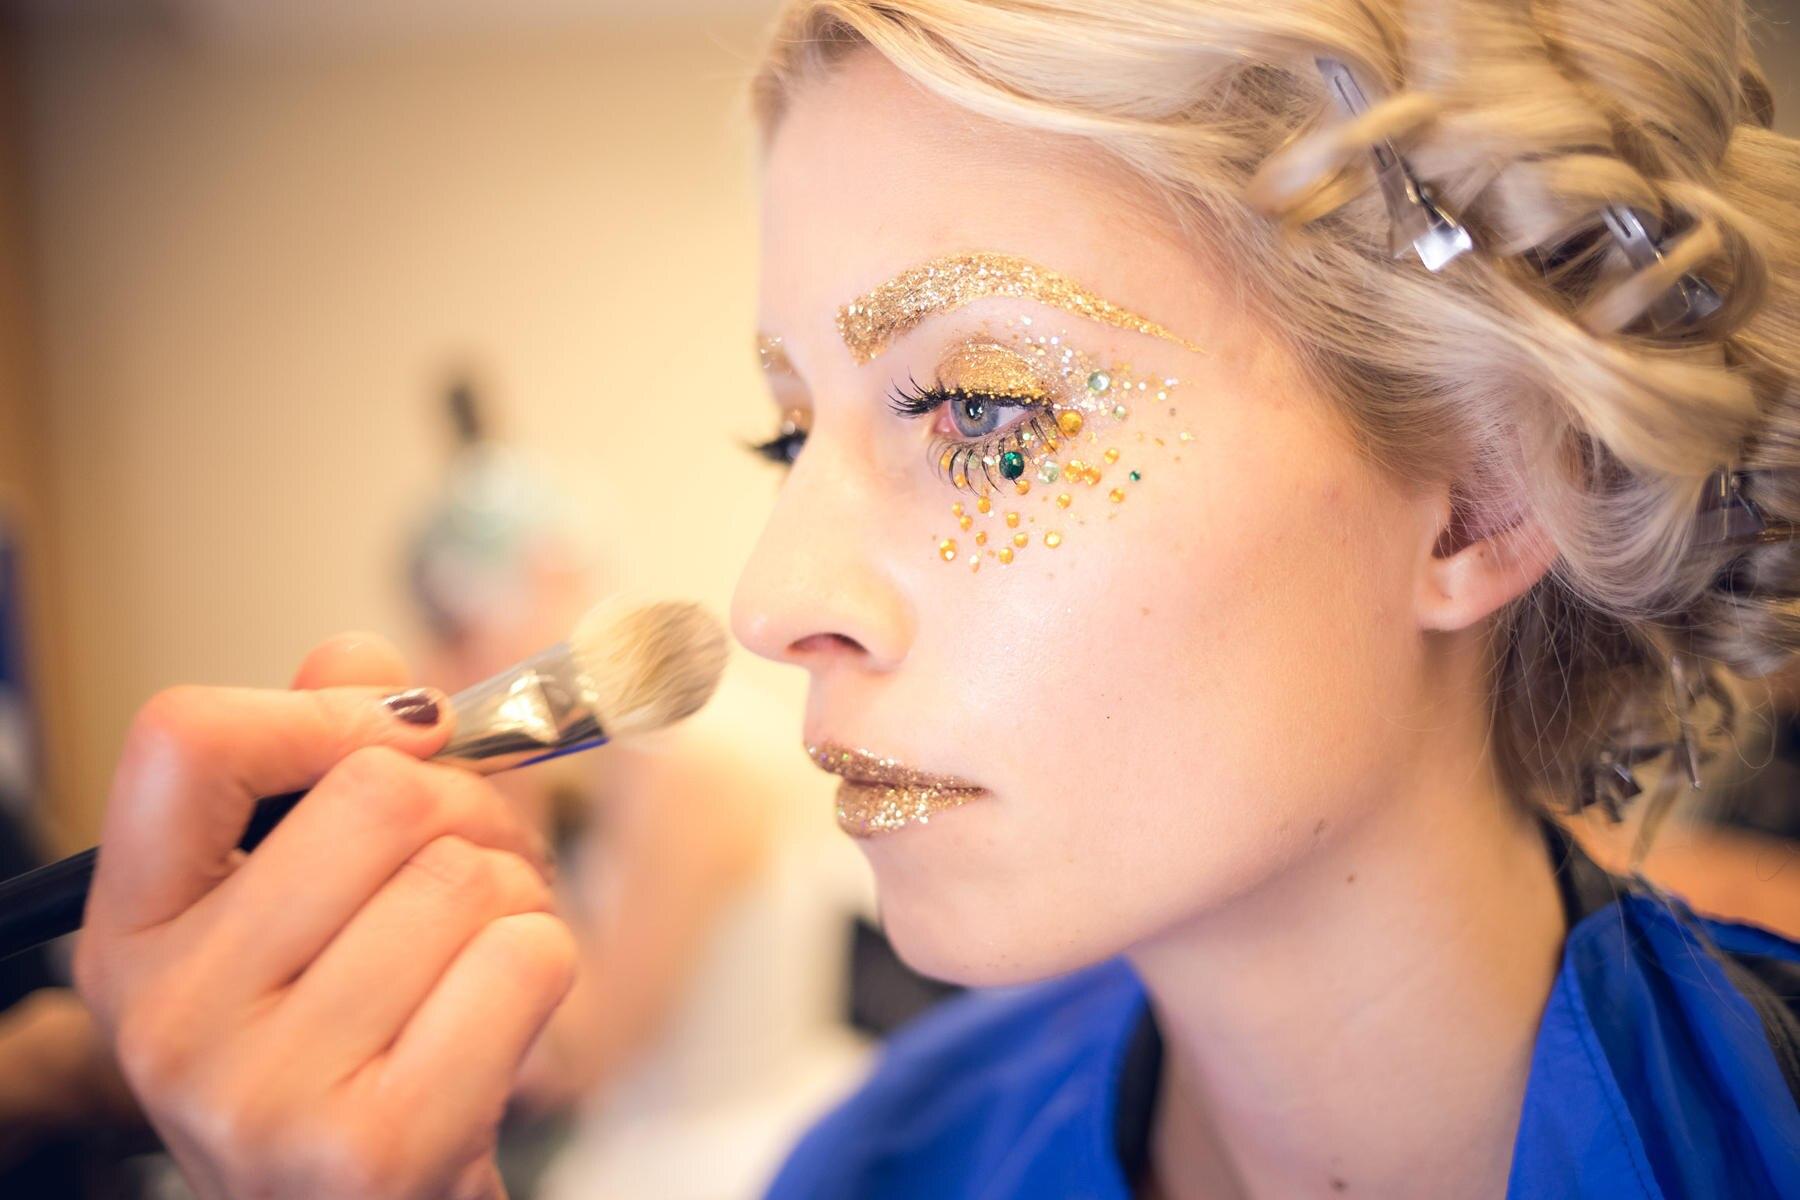 """Auf der """"Mercedes-Benz Fashion Week Berlin"""" zeigt Lena Gercke als neue Botschafterin für """"Maybelline New York"""" ihre Bandbreite als Beauty- und Fashion-Model auf dem Laufsteg: Hier wird sie gerade mit dem effektvollen Gold-Look geschminkt."""